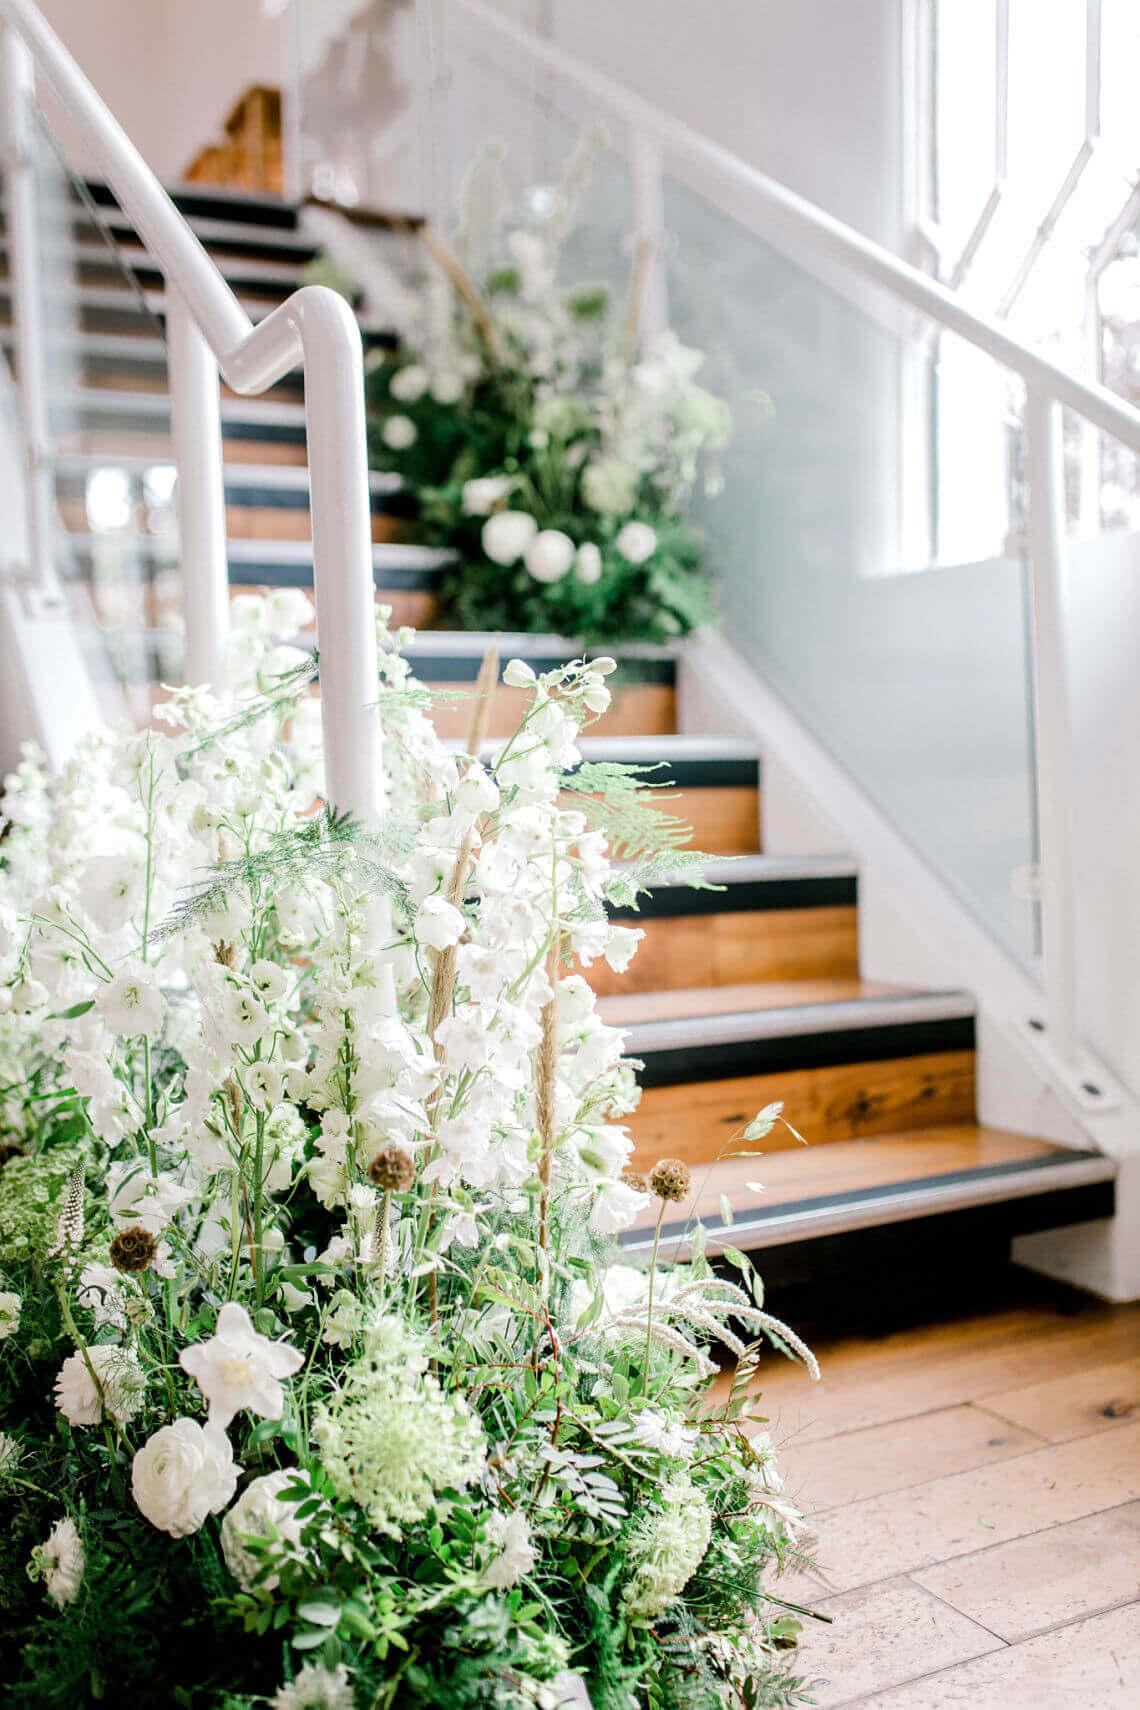 essex-wedding-planner-neutral-stairway-flower-installation.jpg